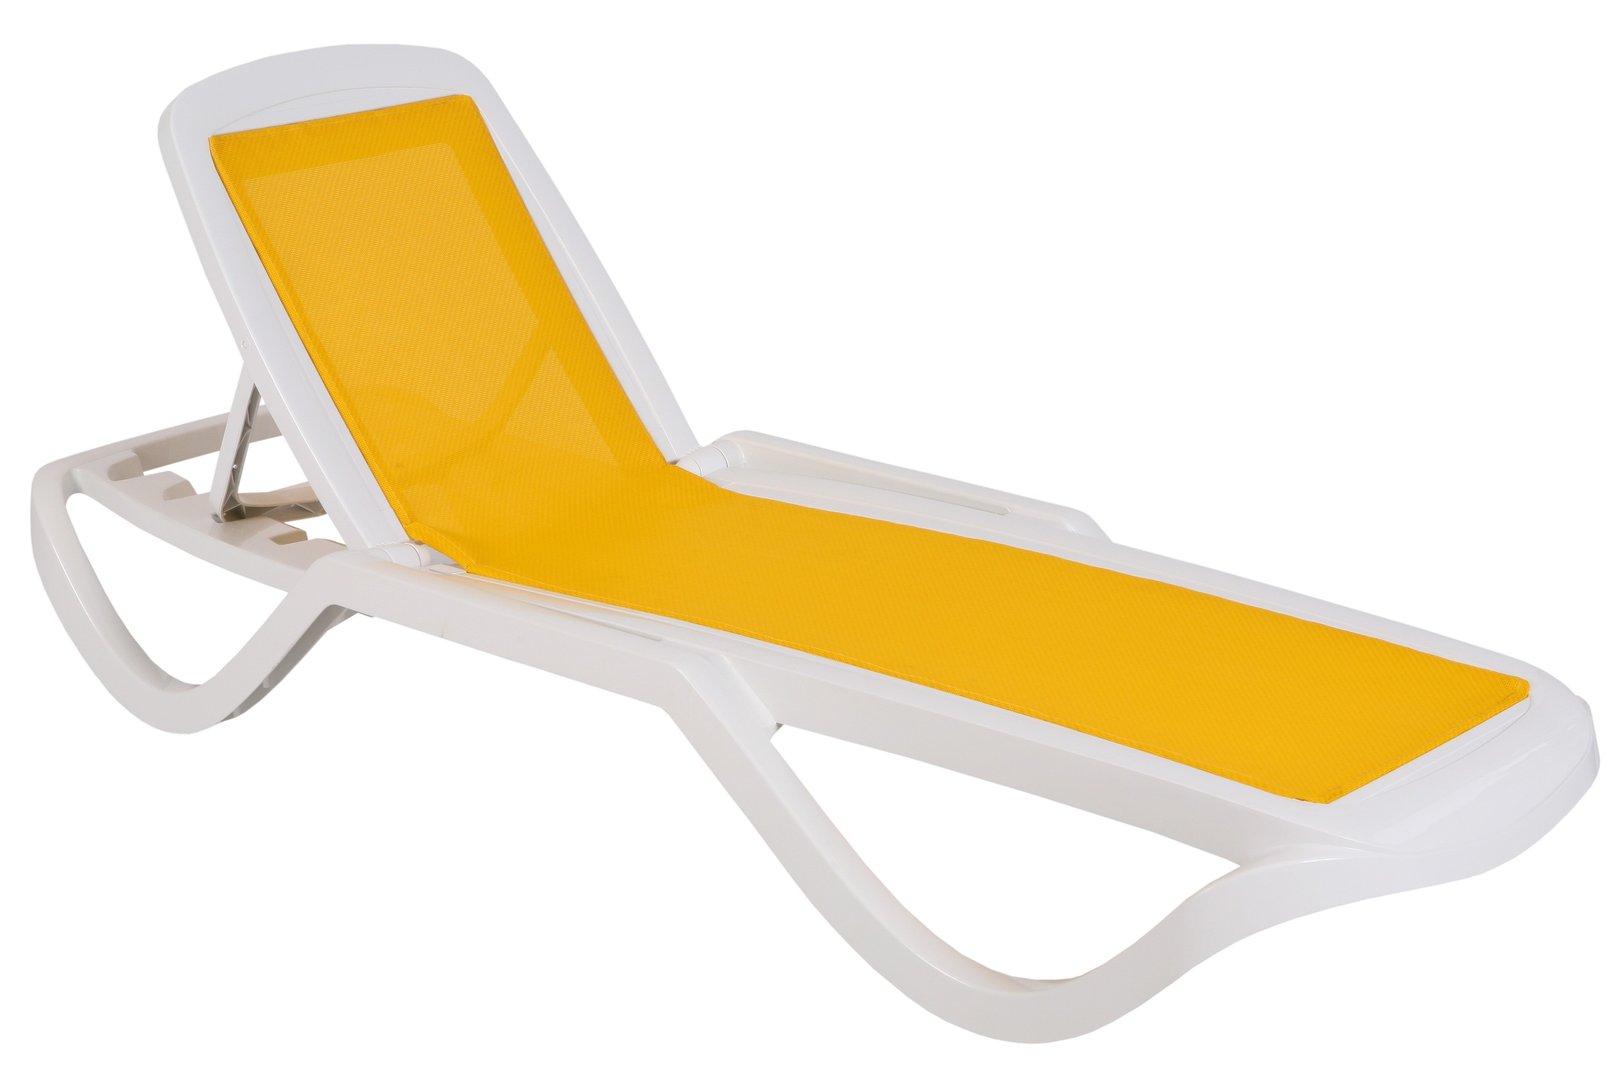 Hamaca tumbona piscina y playa mod bahia textilene 71 x for Tumbona playa decathlon